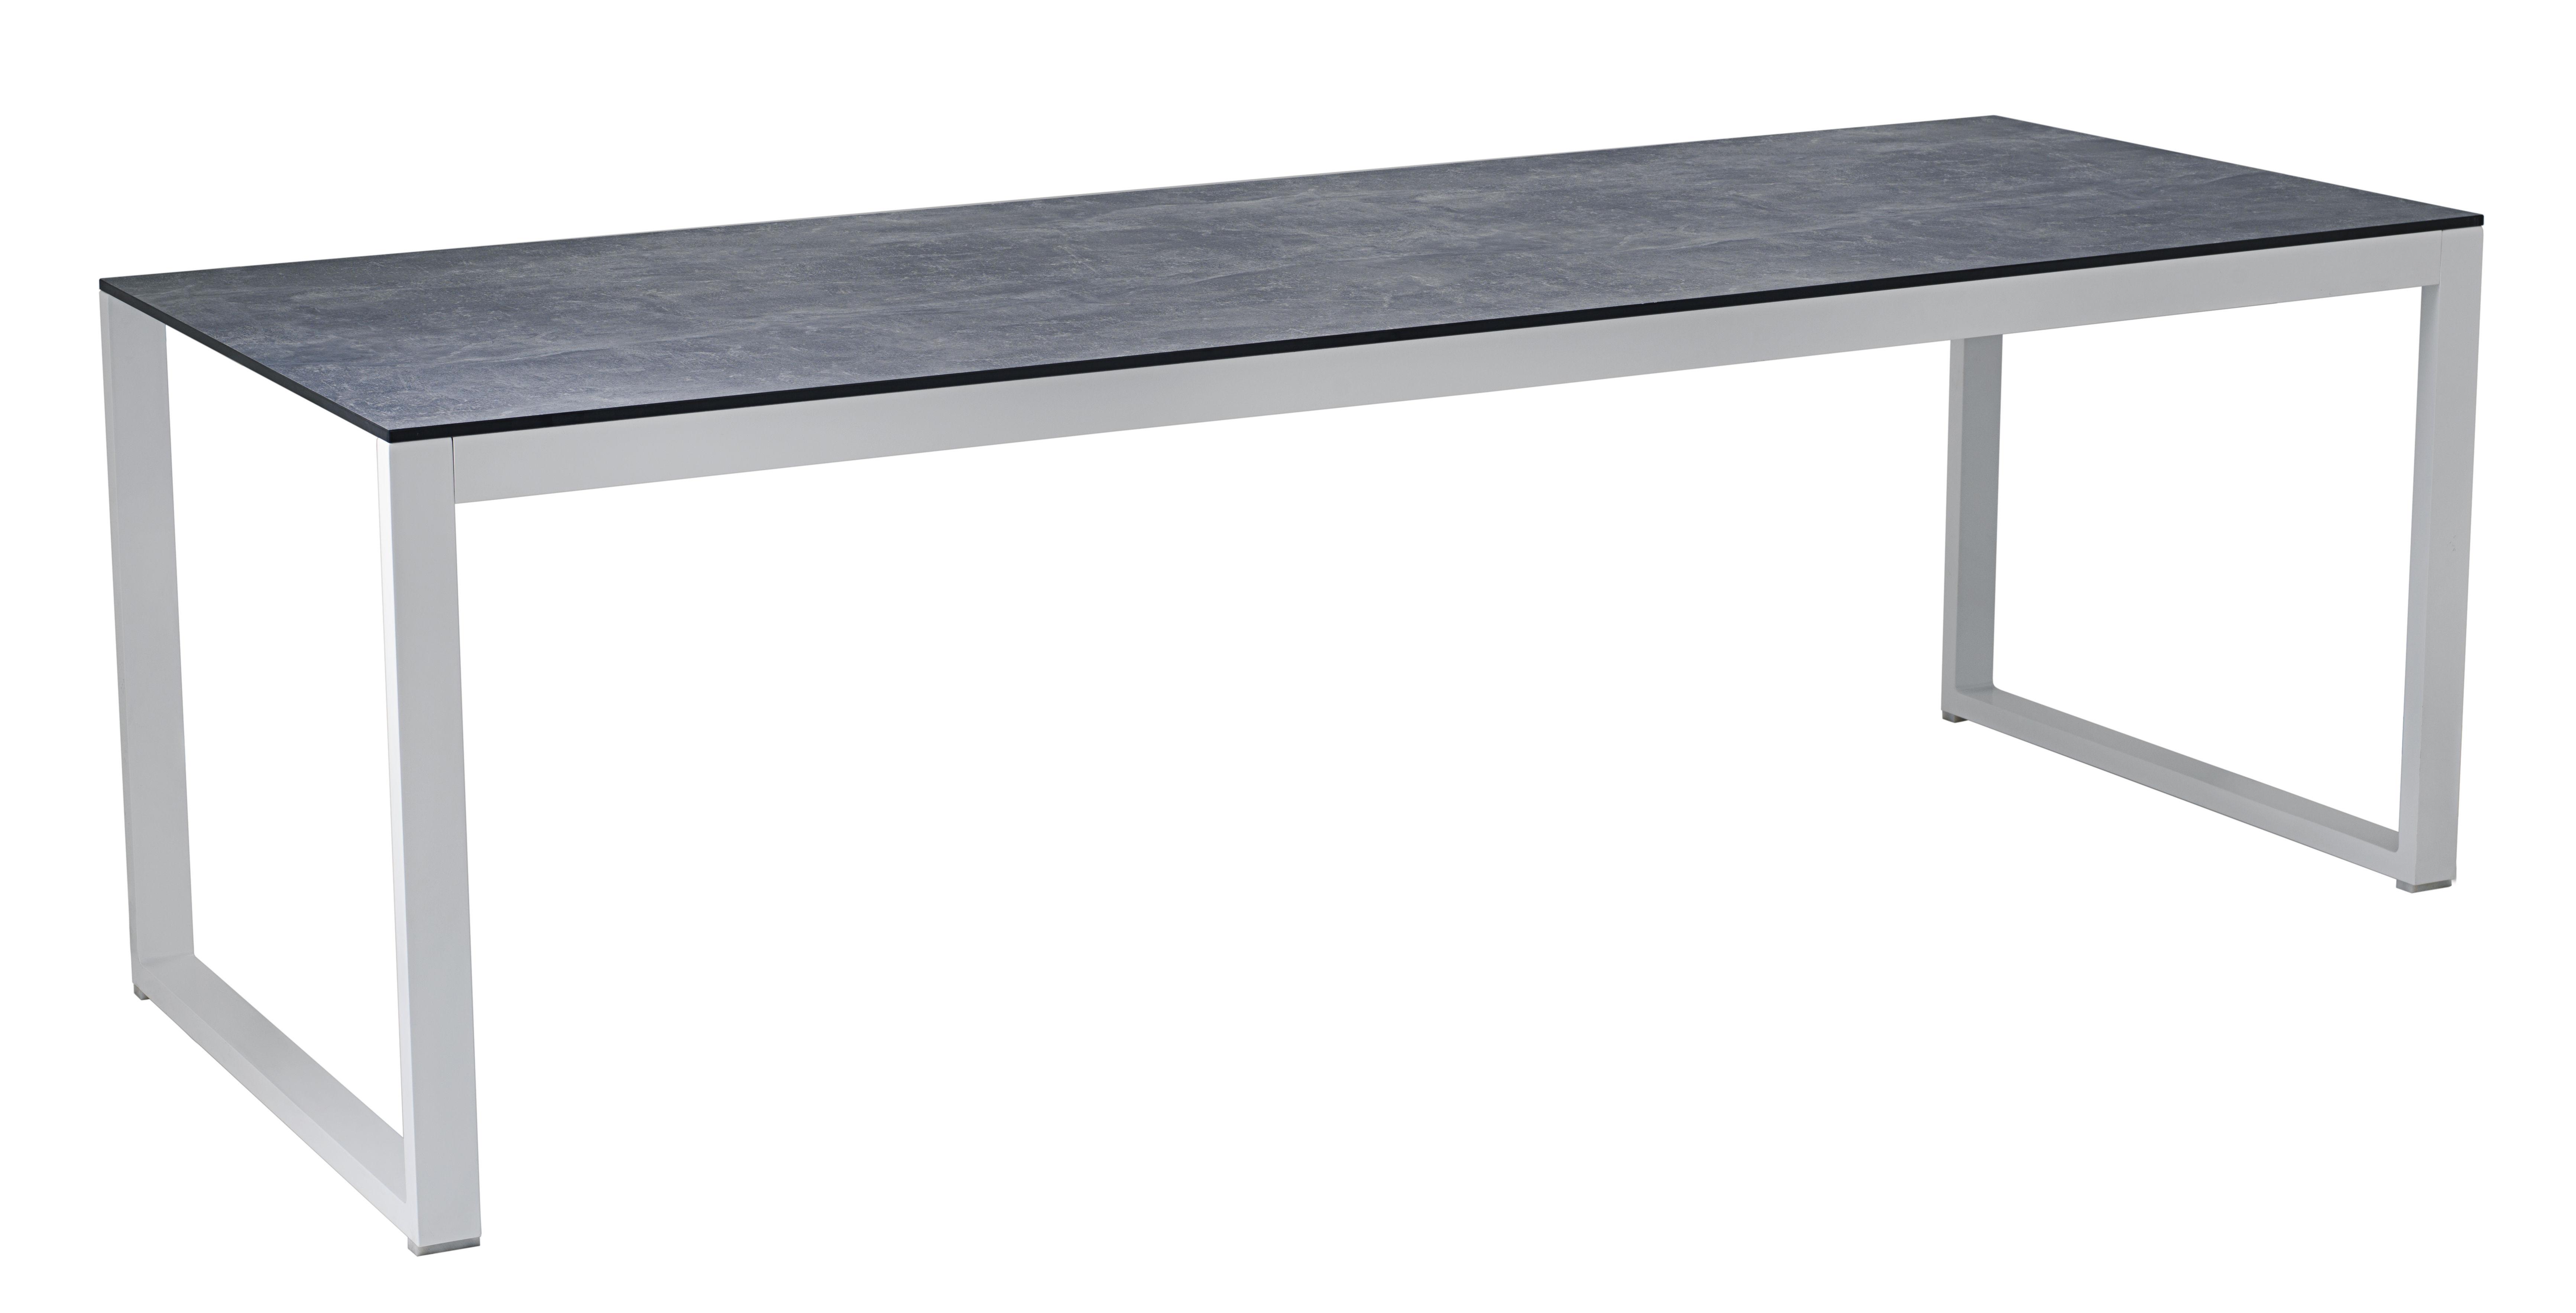 perspective tisch - / 227 x 90 cm - beton-optik beton grau / weiß by